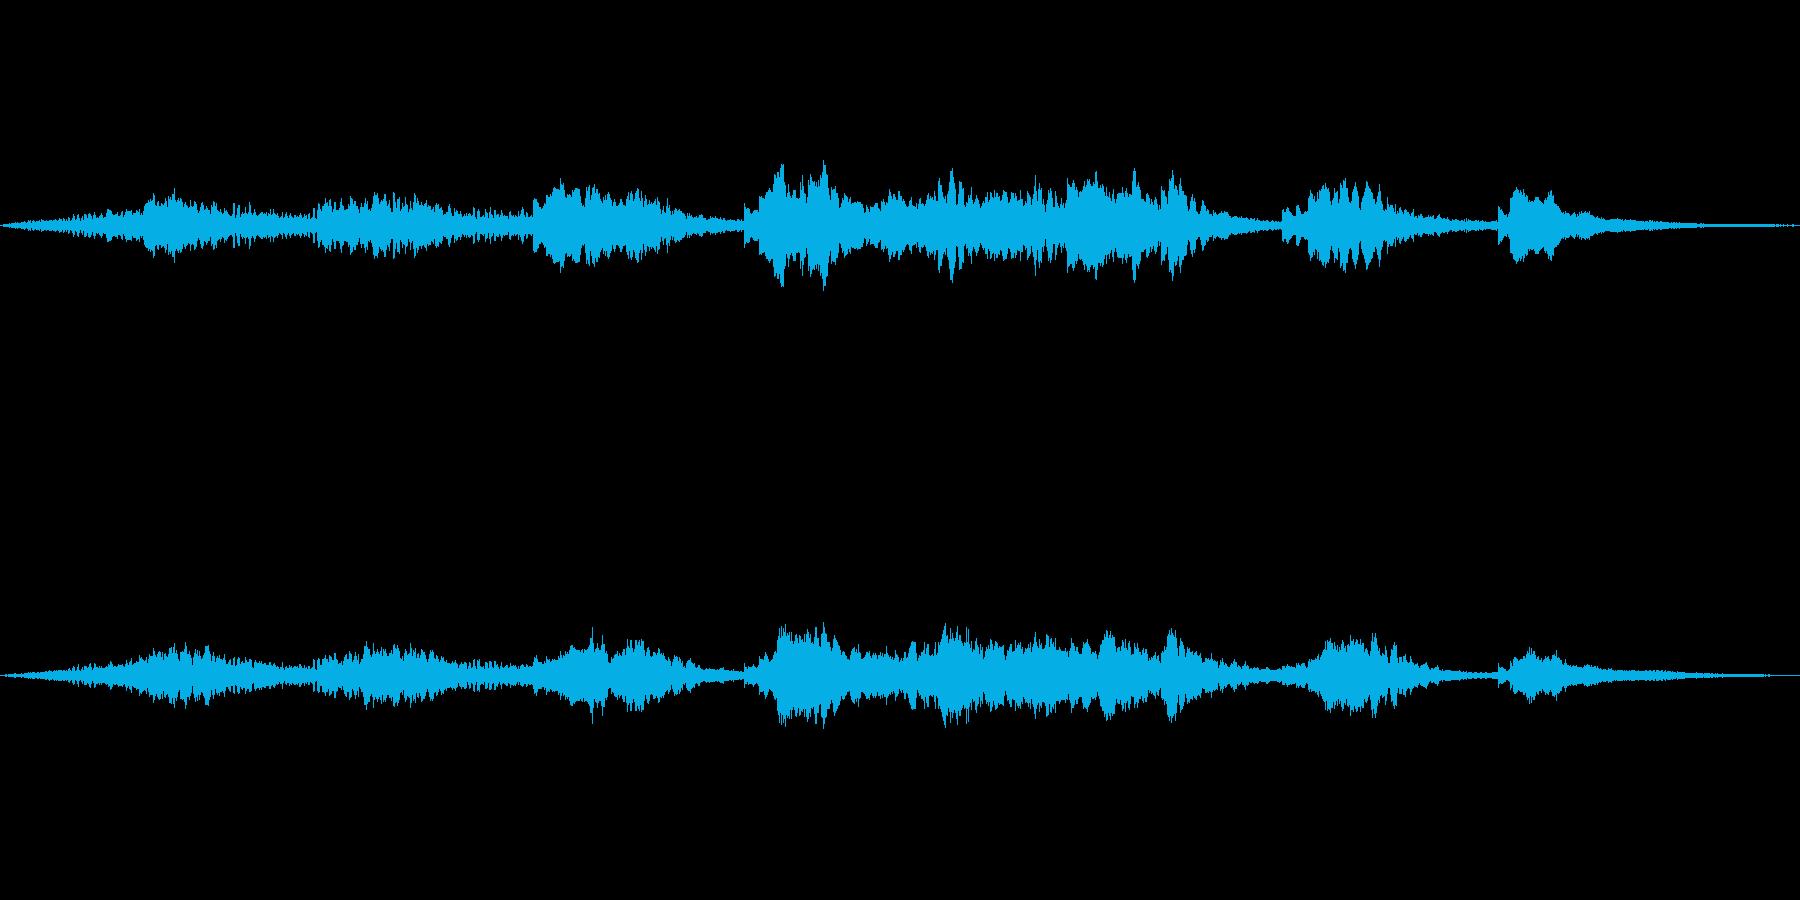 寂しげなアンビエントジングルの再生済みの波形